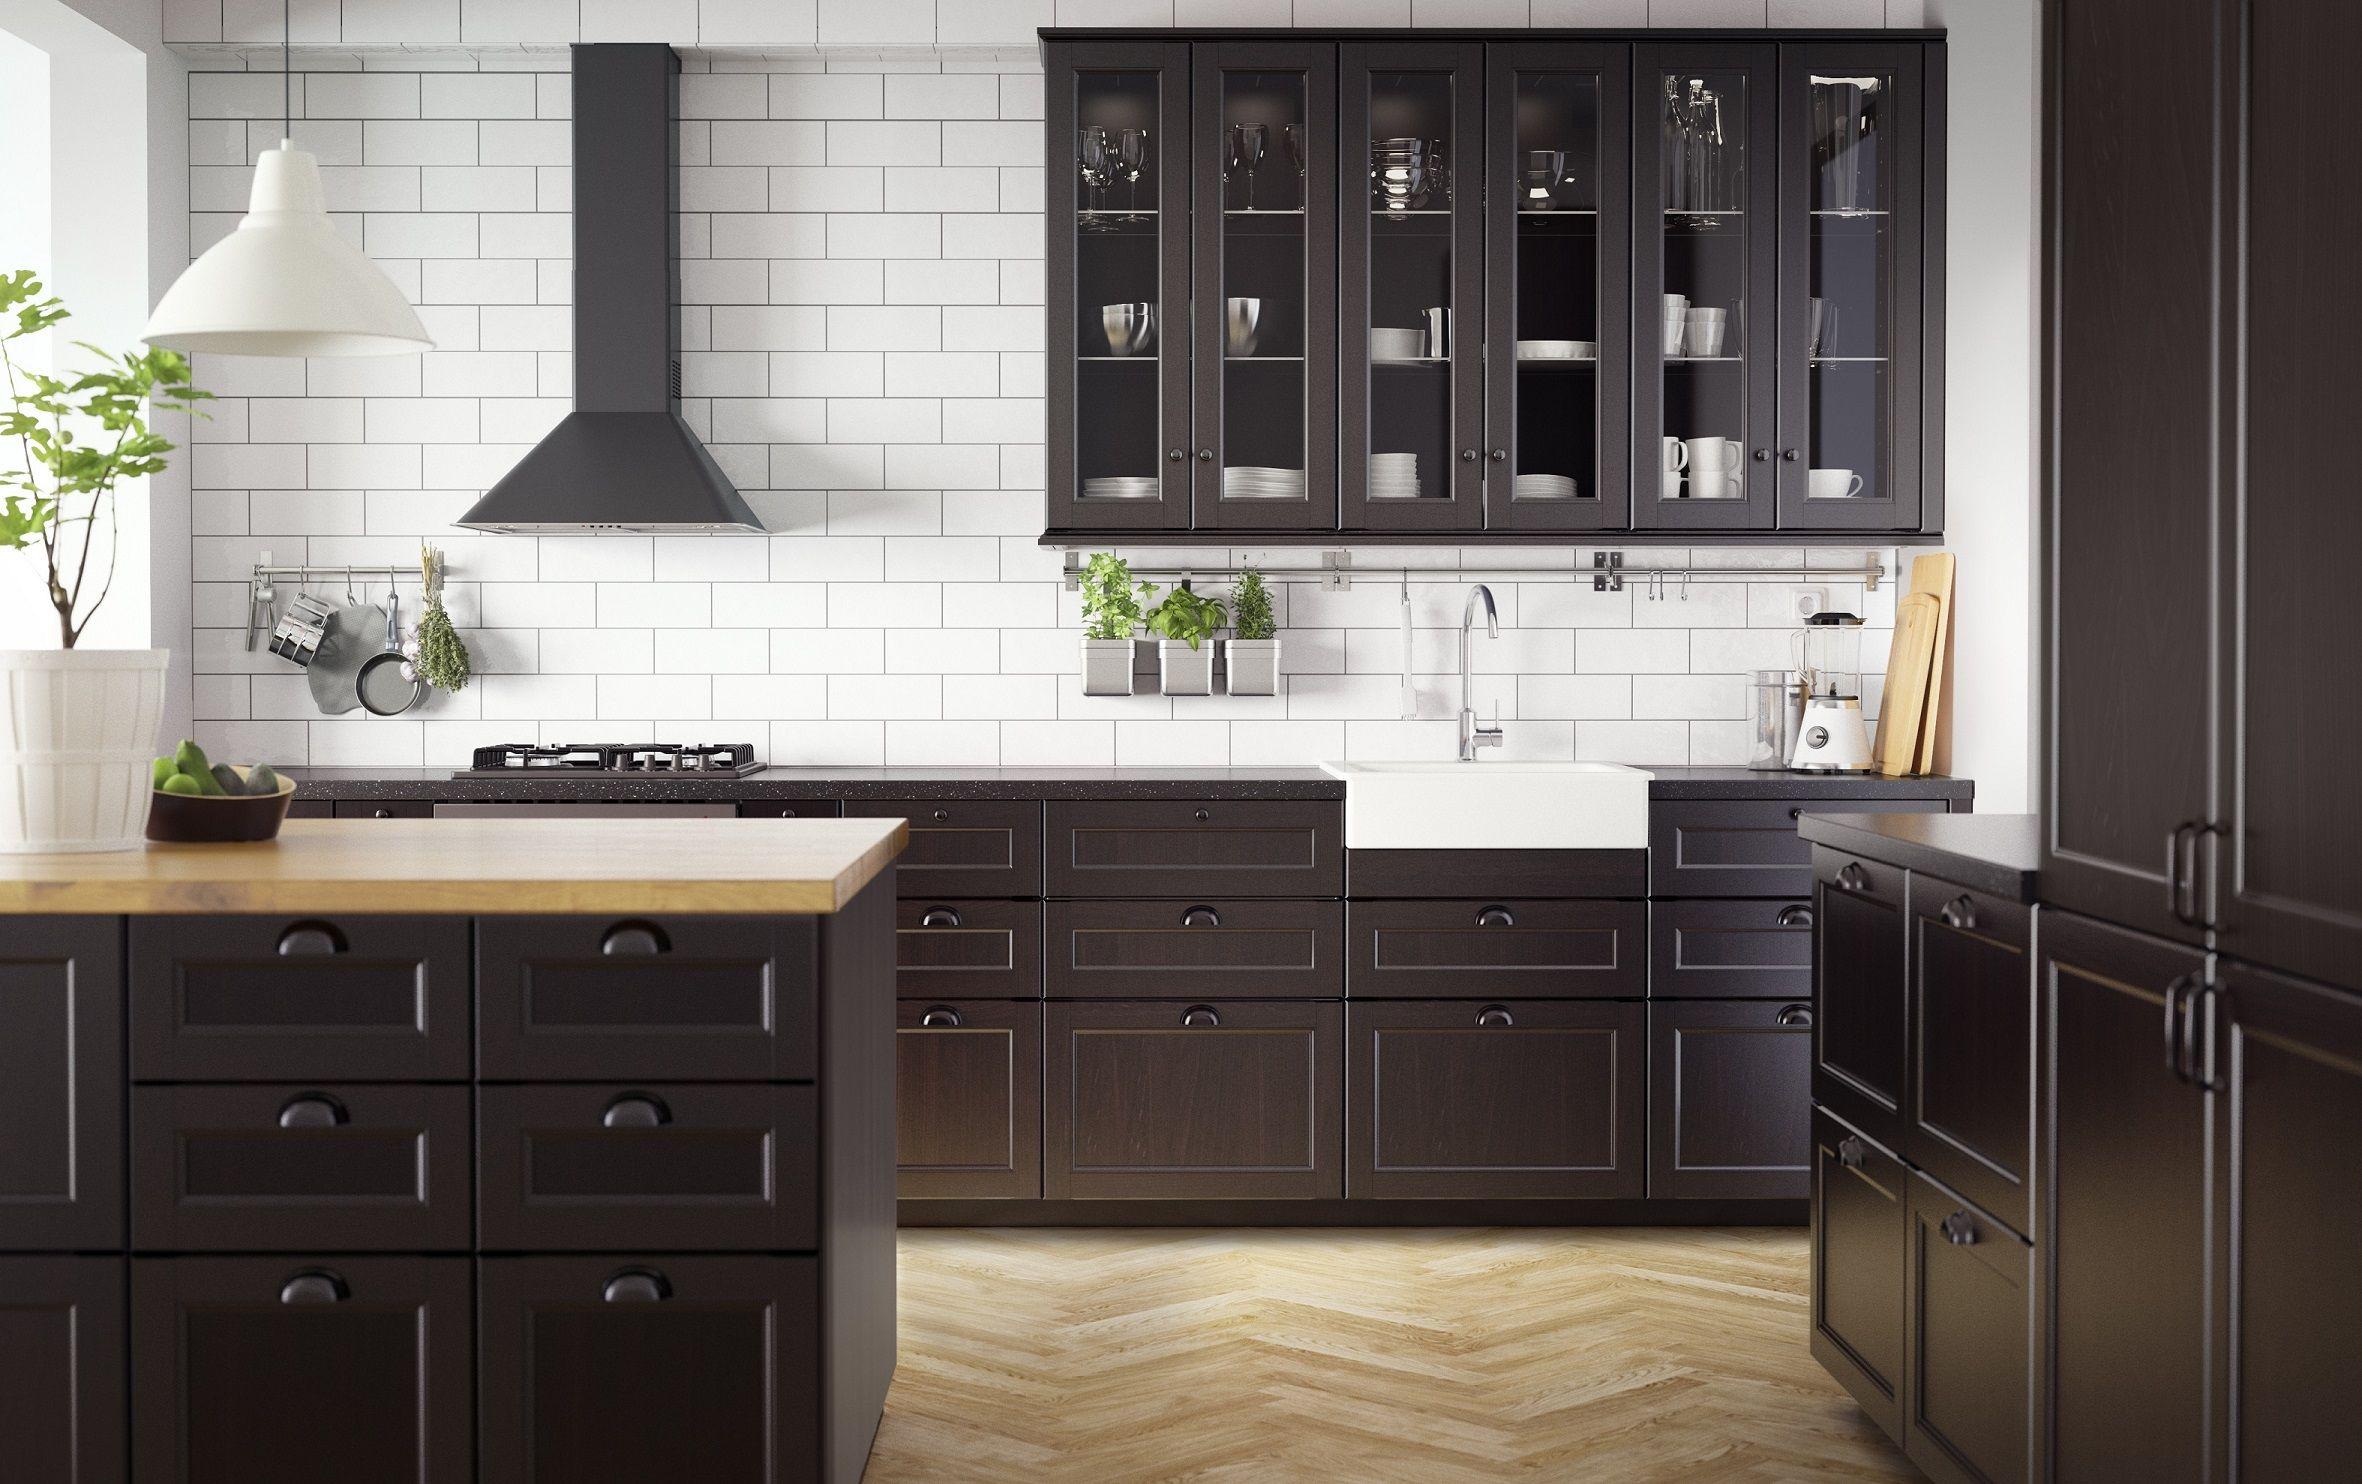 Metod keuken ikea ikeanl donker traditioneel keukensysteem